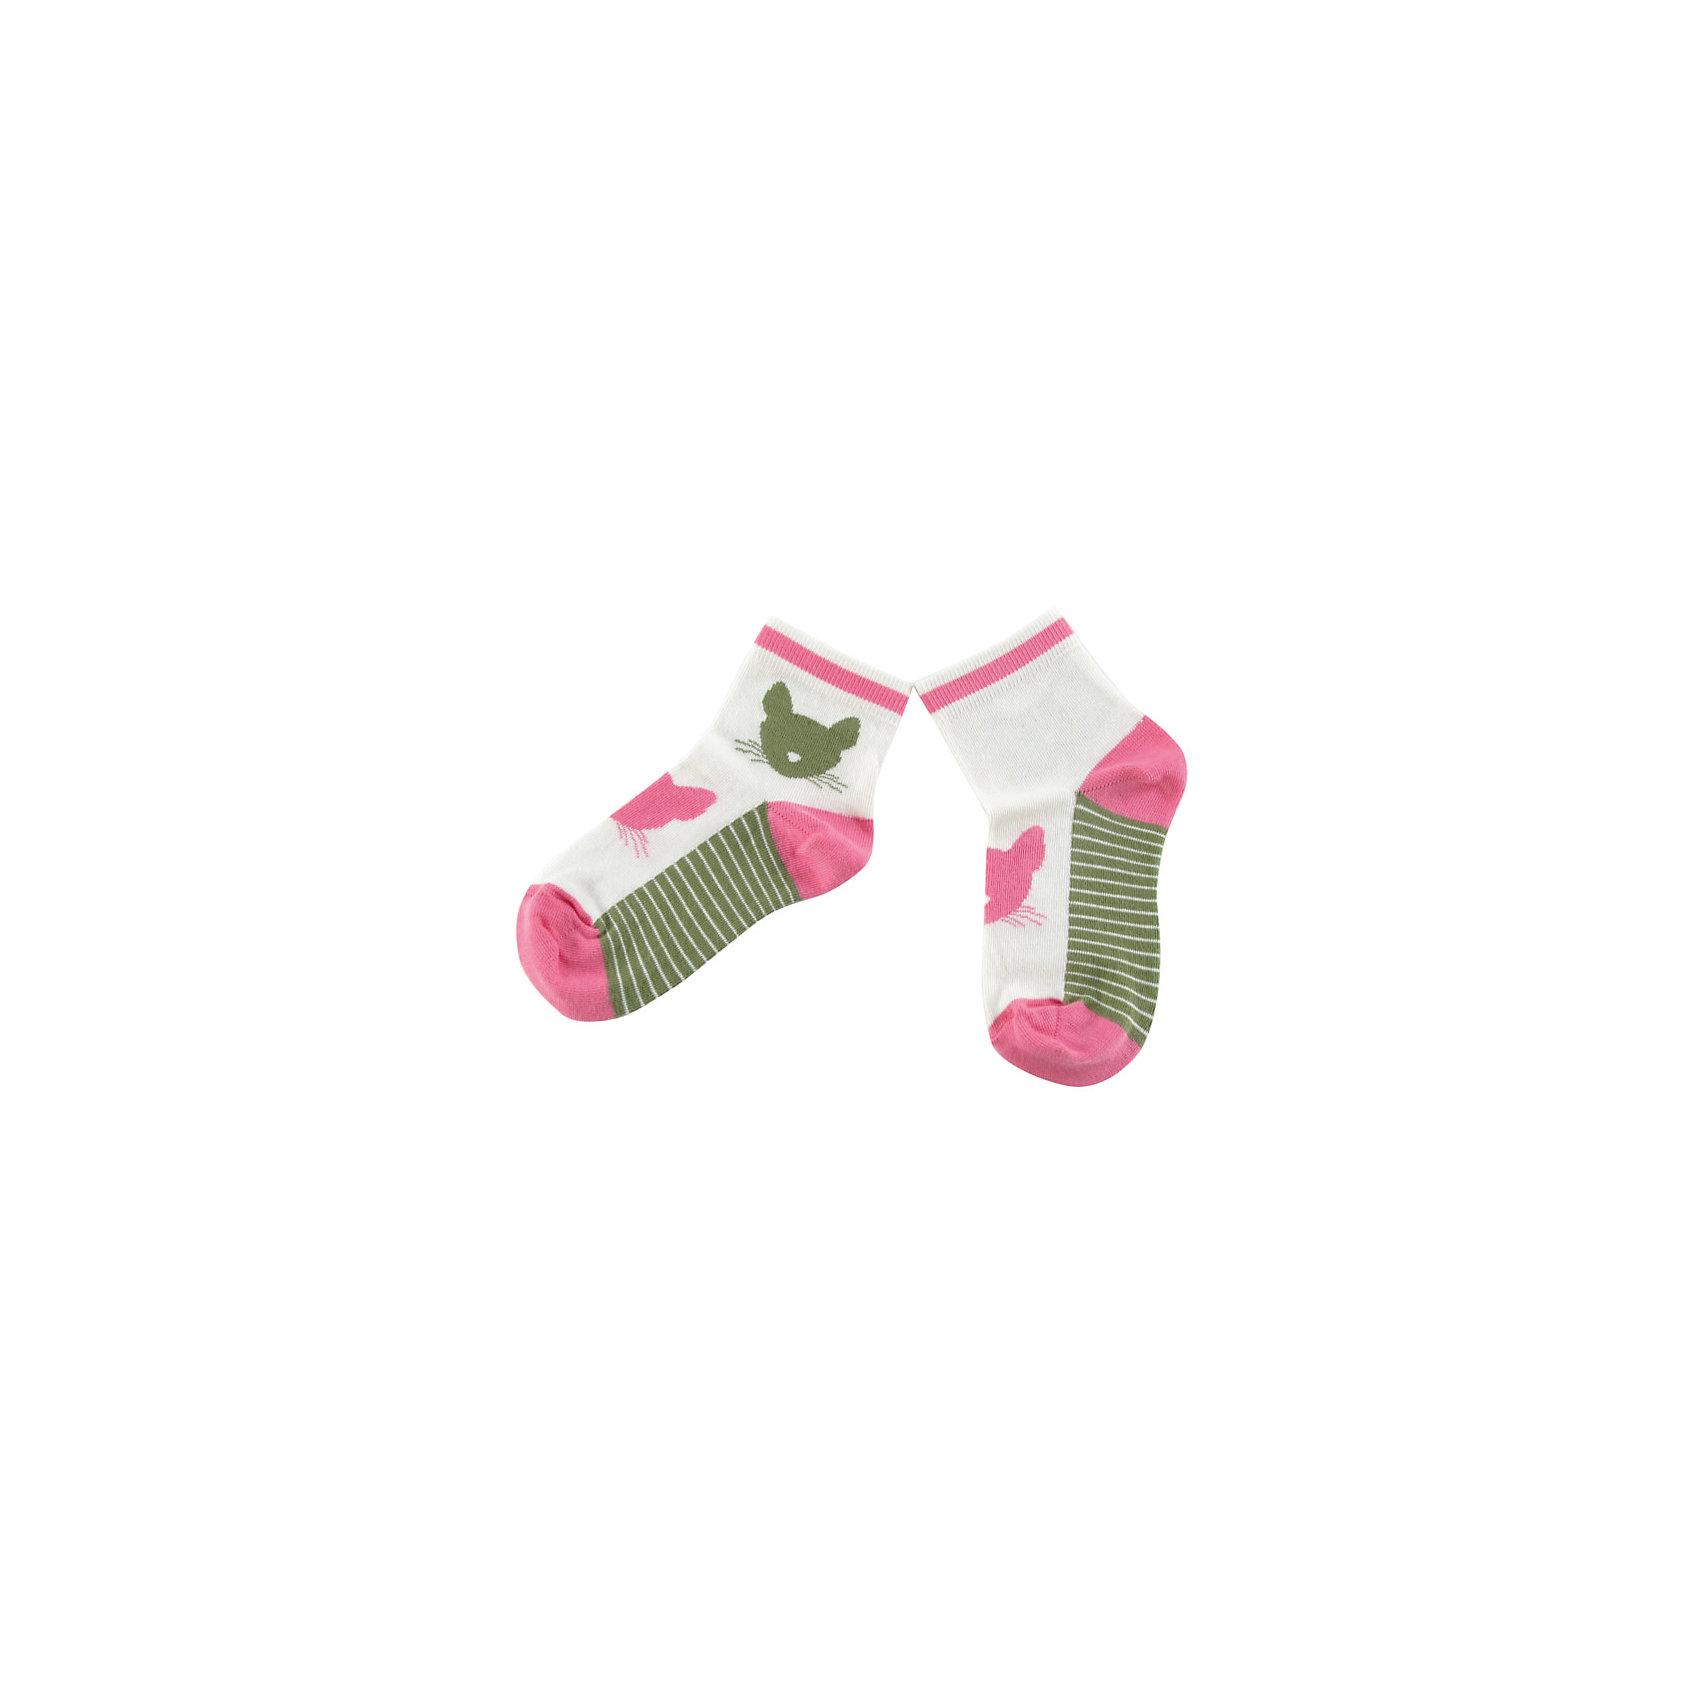 Носки для девочки WojcikНоски<br>Характеристики товара:<br><br>• цвет: белый<br>• состав ткани :хлопок 93%, полиамид 5%, эластан 2%<br>• сезон: круглый год<br>• страна бренда: Польша<br>• страна изготовитель: Польша<br><br>Удобные носки для девочки Wojcik сделаны преимущественно из натурального хлопка. Он позволяет коже дышать и обеспечивает комфорт. <br><br>Детские носки не давят на ногу благодаря мягкой резинке. Польская одежда для детей от бренда Войчик - это качественные и стильные вещи.<br><br>Носки для девочки Wojcik (Войчик) можно купить в нашем интернет-магазине.<br><br>Ширина мм: 87<br>Глубина мм: 10<br>Высота мм: 105<br>Вес г: 115<br>Цвет: белый<br>Возраст от месяцев: 3<br>Возраст до месяцев: 6<br>Пол: Женский<br>Возраст: Детский<br>Размер: 17/18,21/22<br>SKU: 5588472